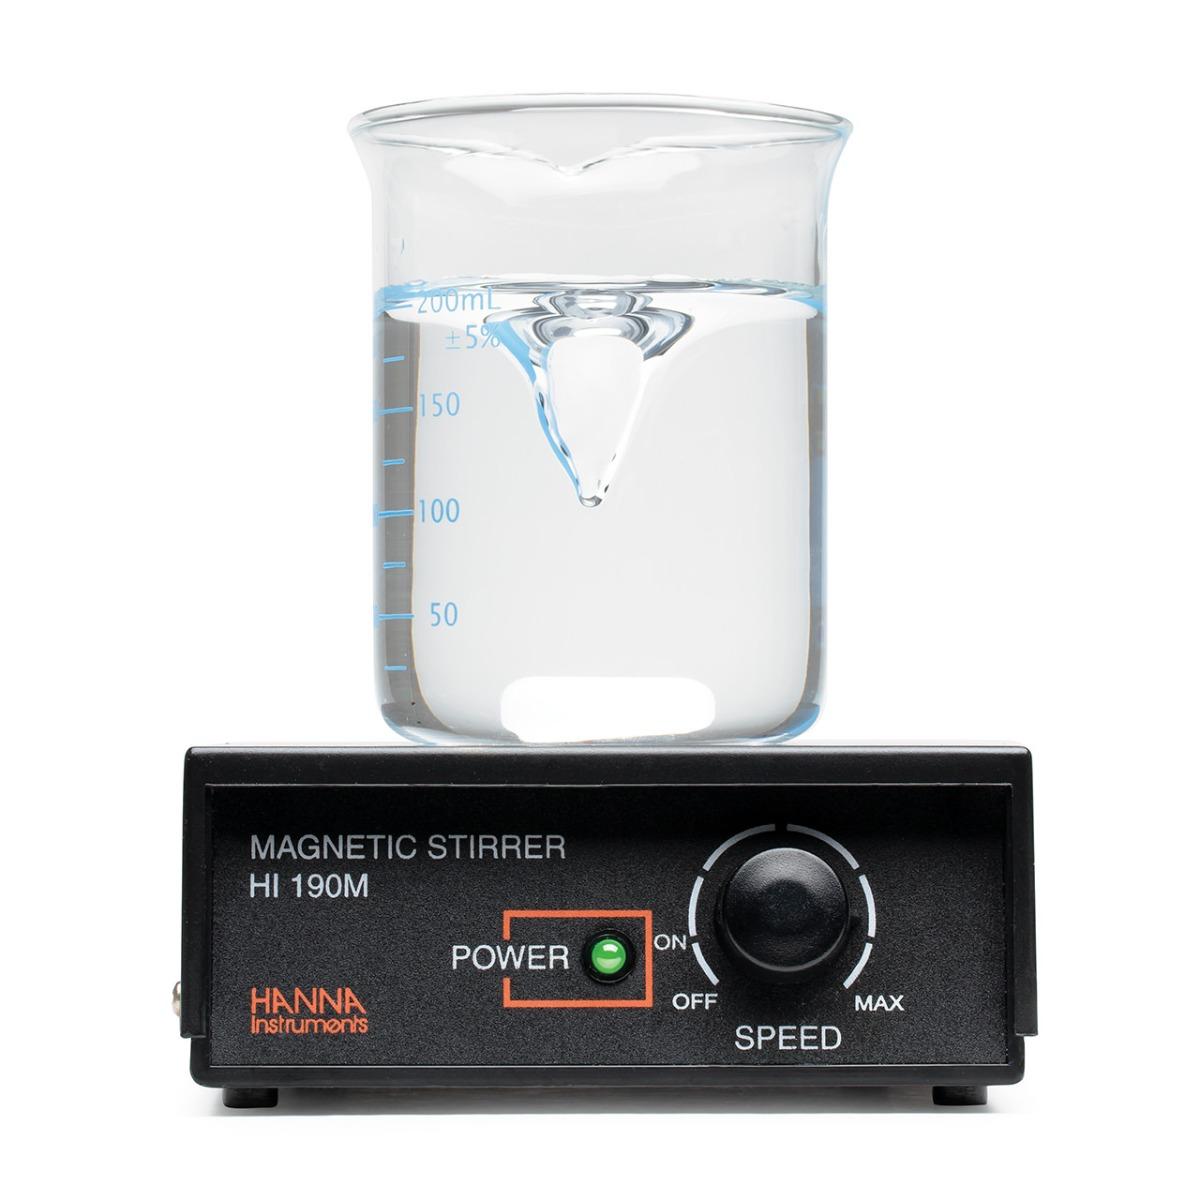 Agitatore magnetico, regolazione velocità fino a 1000 rpm, superficie in plastica, 230 Vac